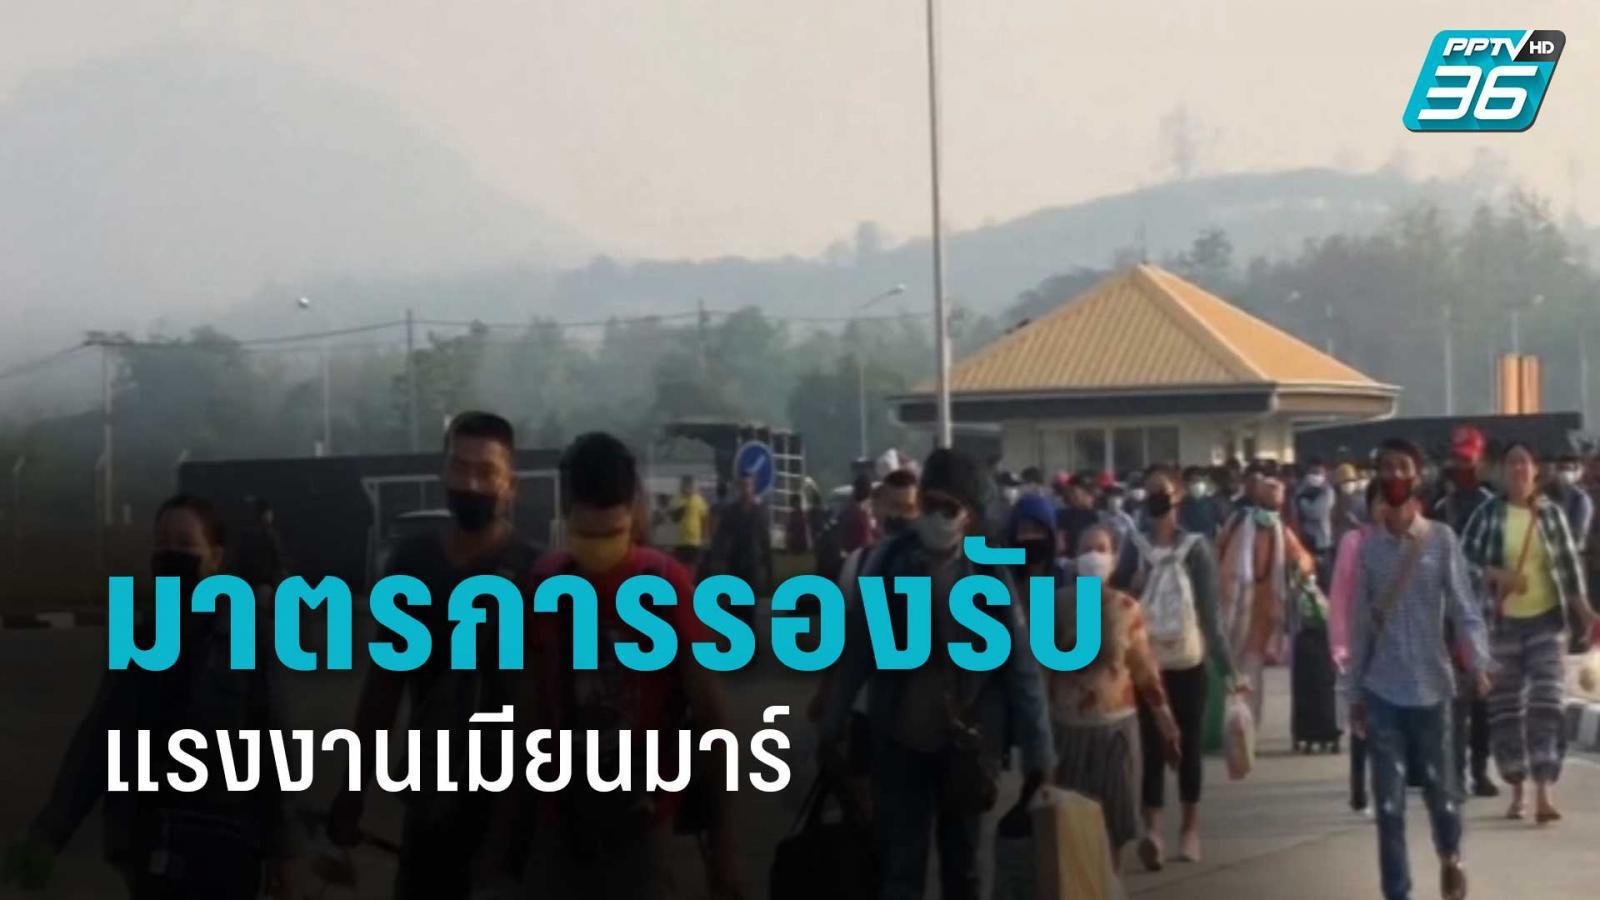 แรงงานเมียนมาร์ กว่า 65,613 คน เตรียมกลับเข้าไทย คาดเปิดด่านมิ.ย.